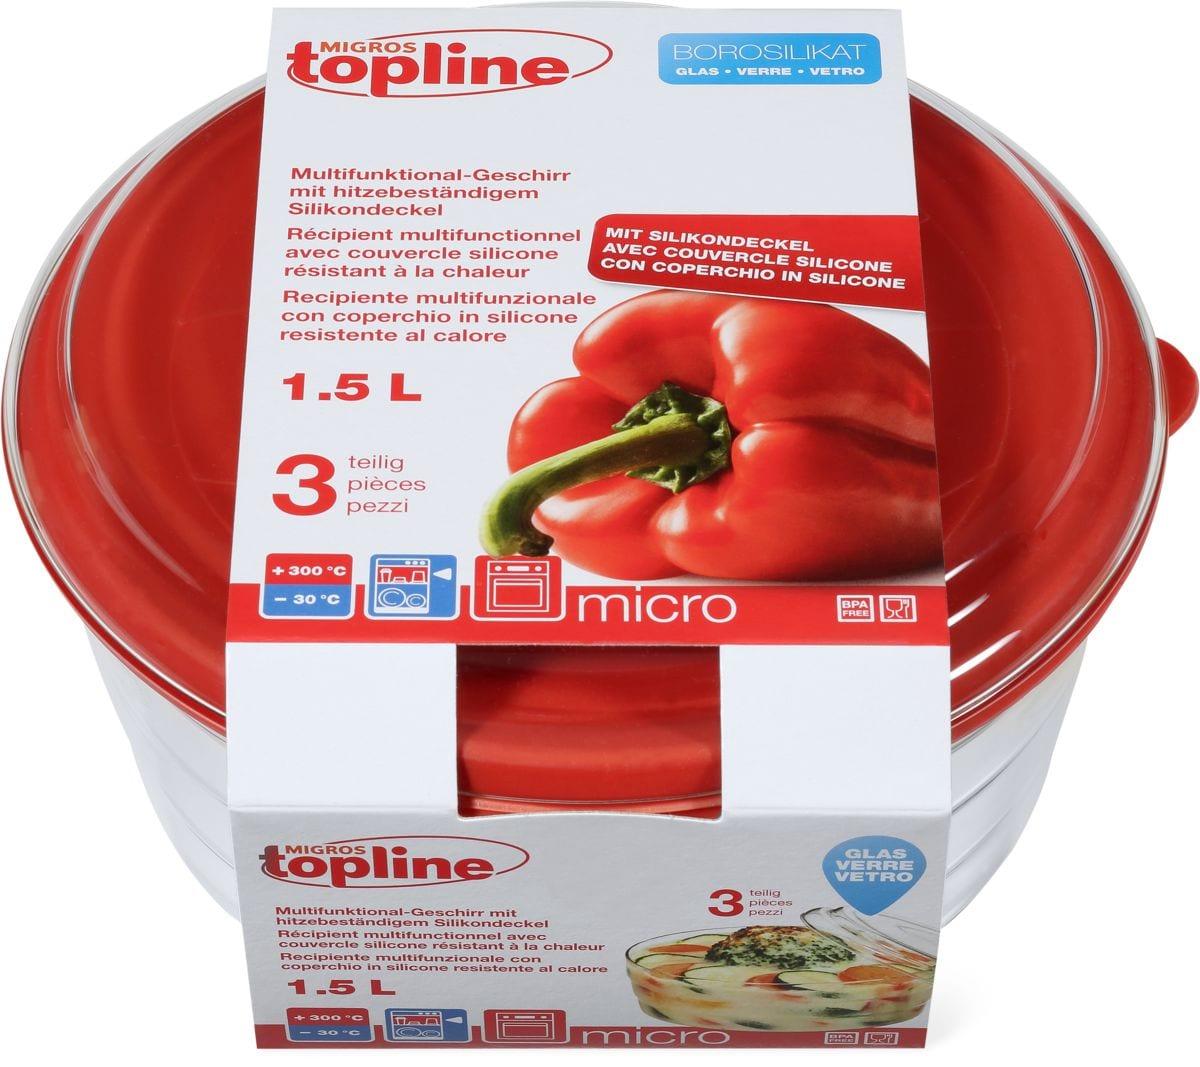 M-Topline MICRO Récipient multifonctionnel 1.5L